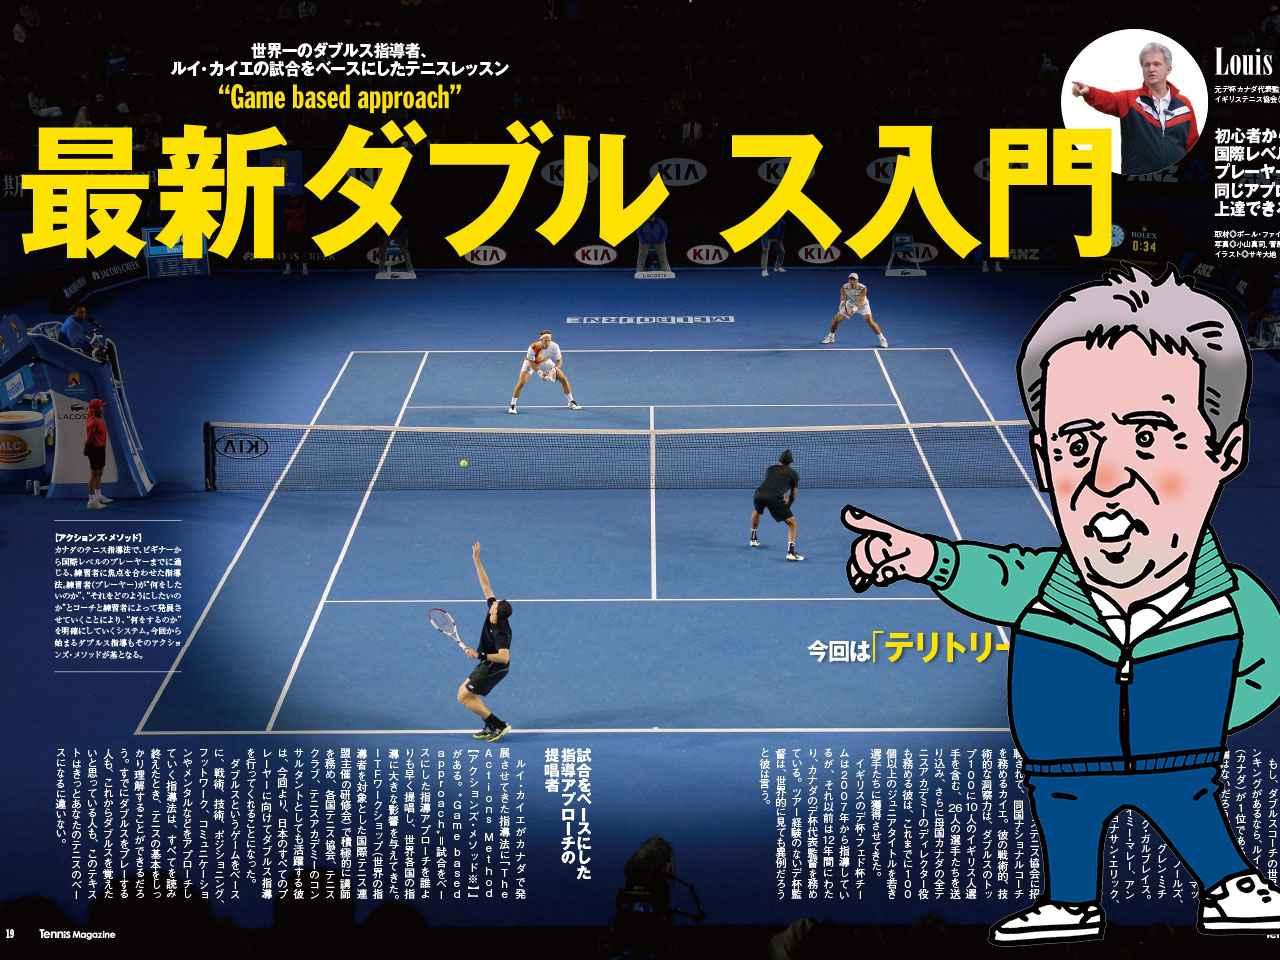 ダブルス ポジション テニス